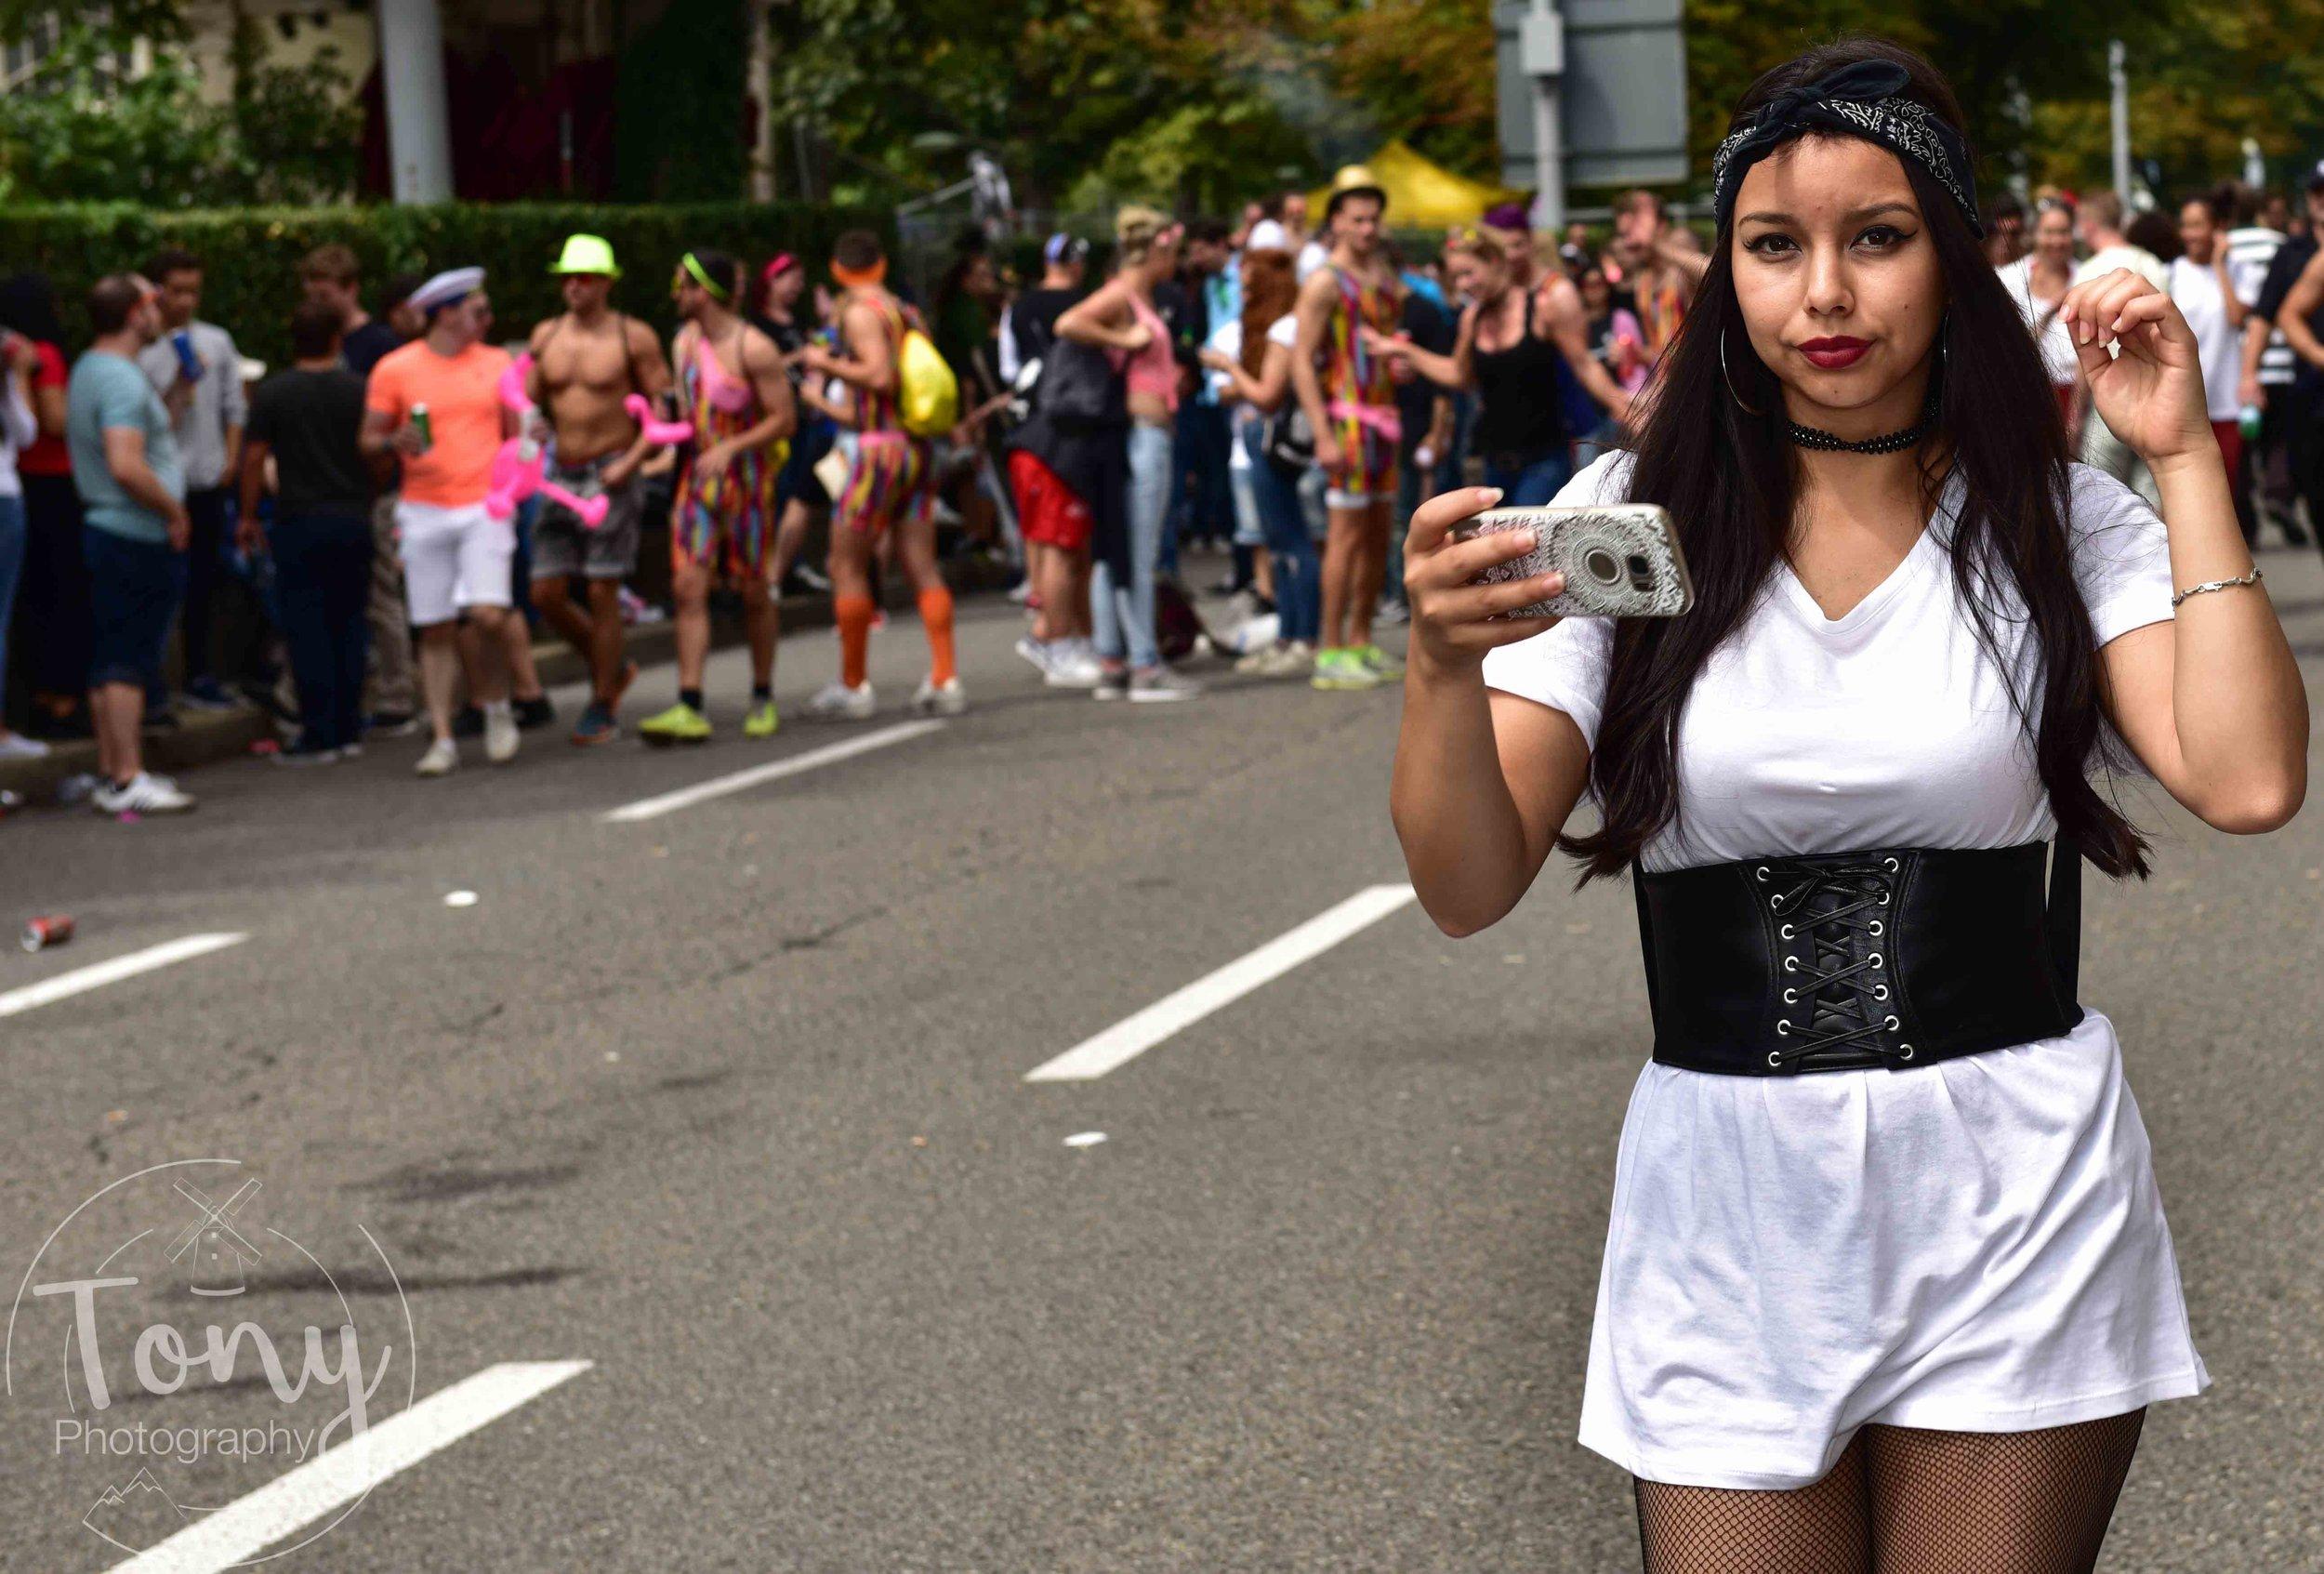 streetparade-51.jpg